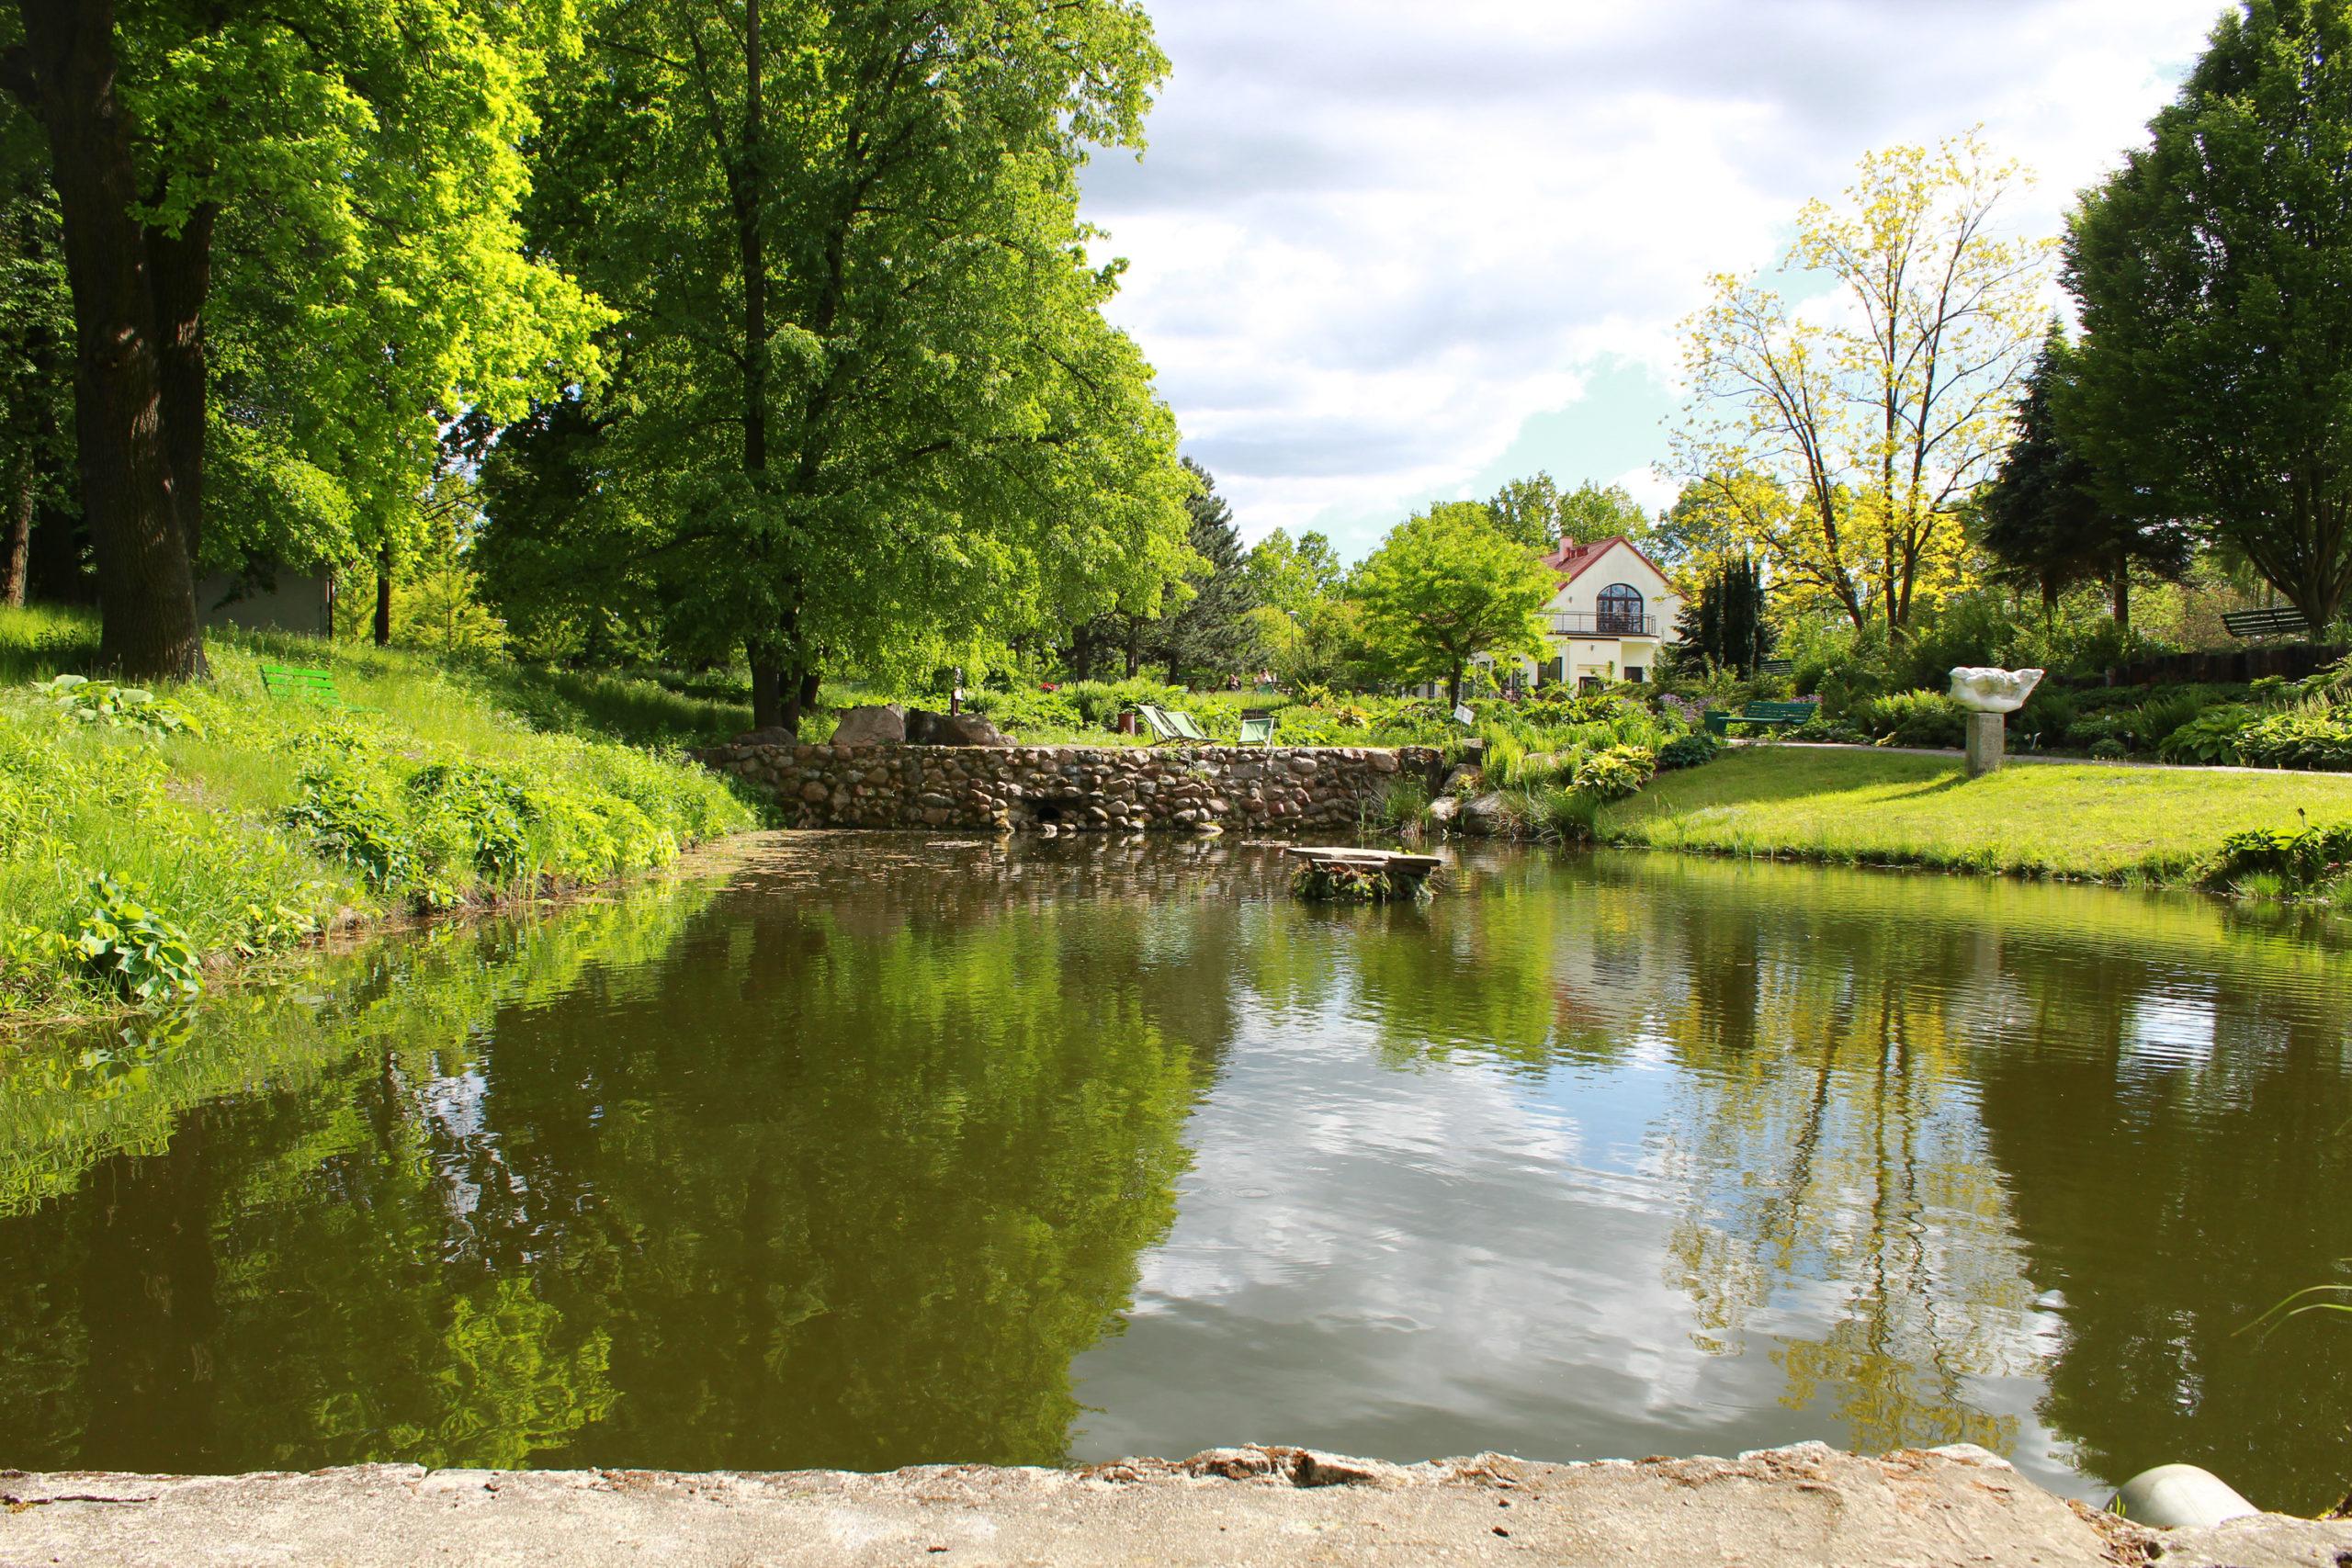 zbiornik wodny wśród zieleni